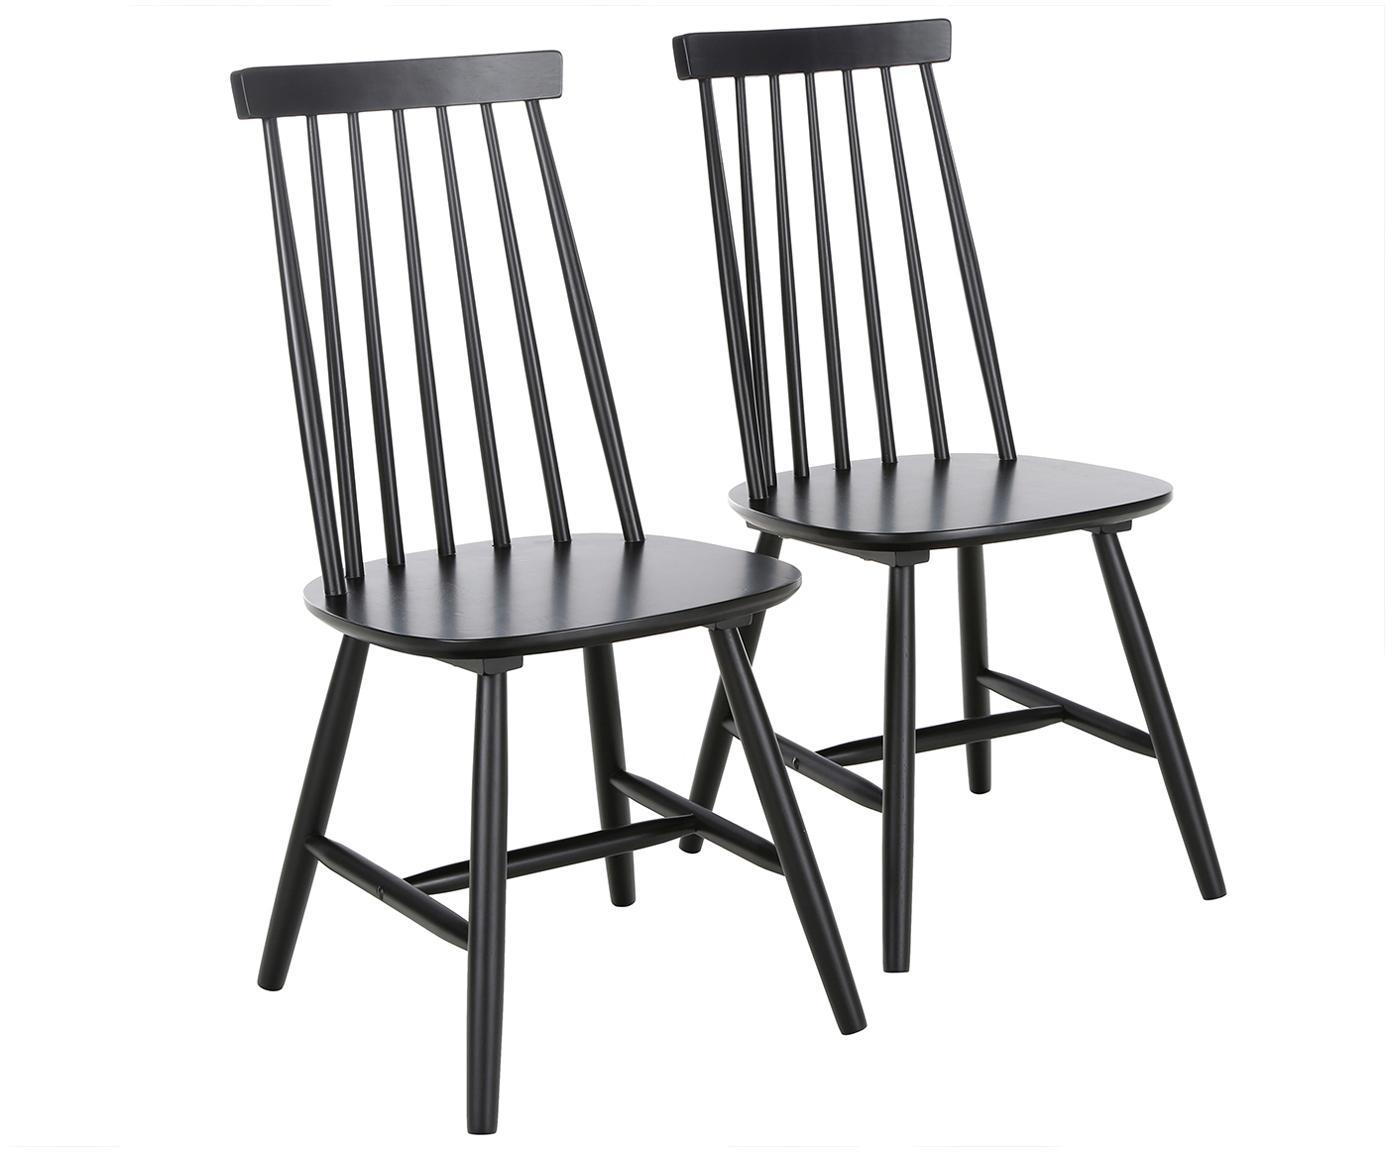 Krzesło z drewna Milas, 2 szt., Kauczukowiec brazylijski, lakierowany, Czarny, S 52 x G 45 cm